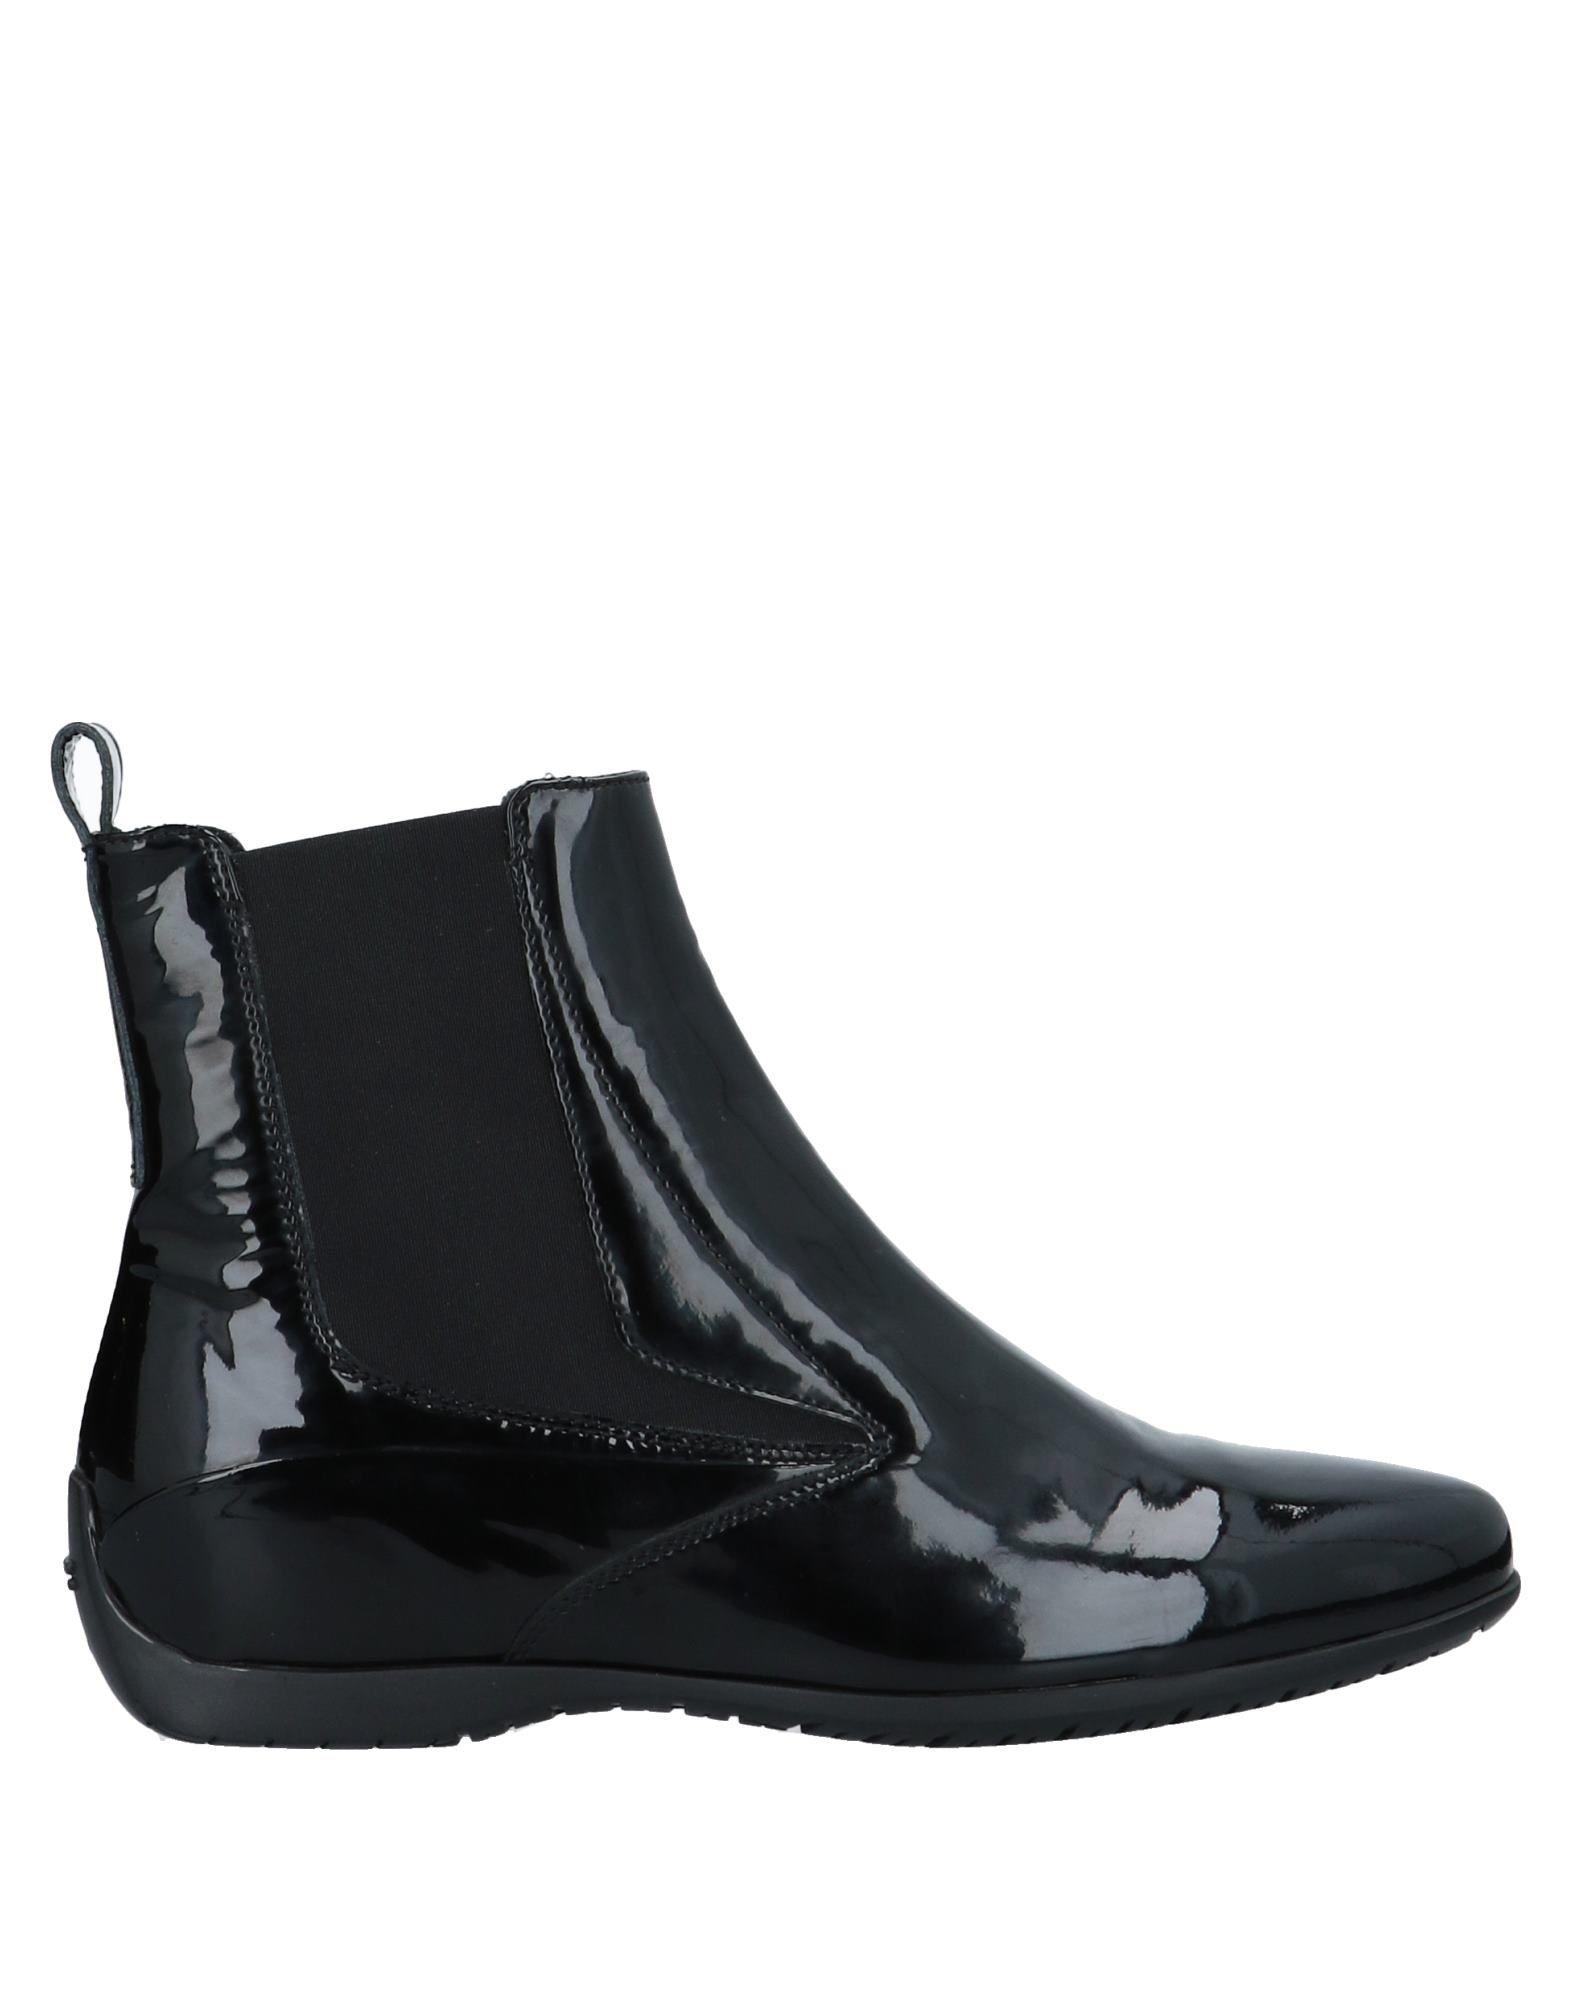 P. Chelsea Boots Damen  11519149VOGut aussehende strapazierfähige Schuhe